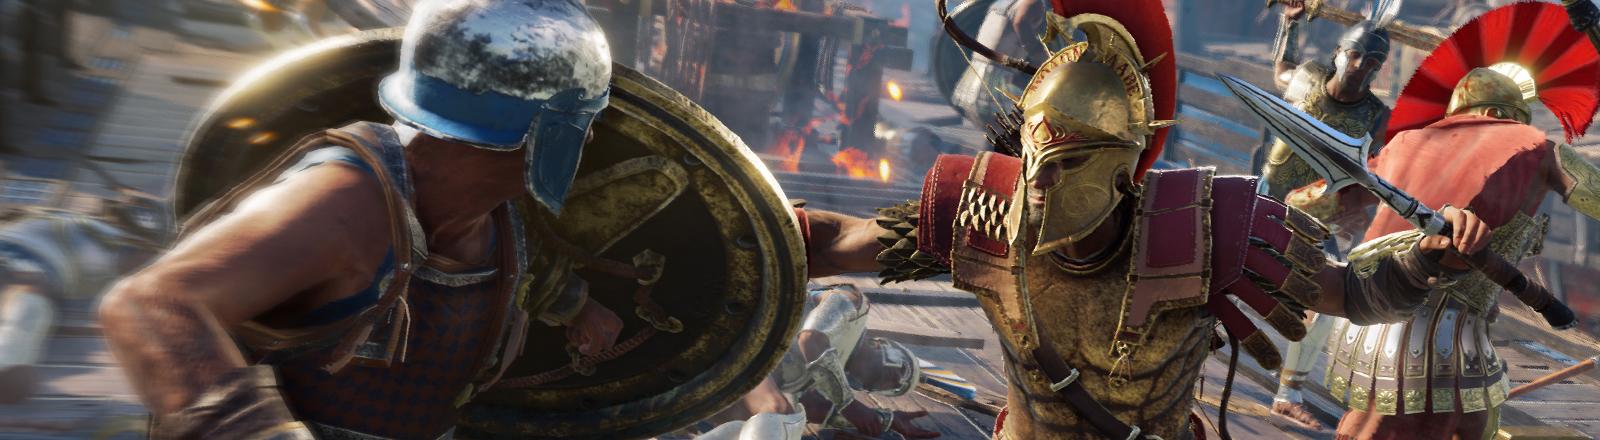 Eine Szene aus dem Computerspiel Assassin's Creed Odyssey.